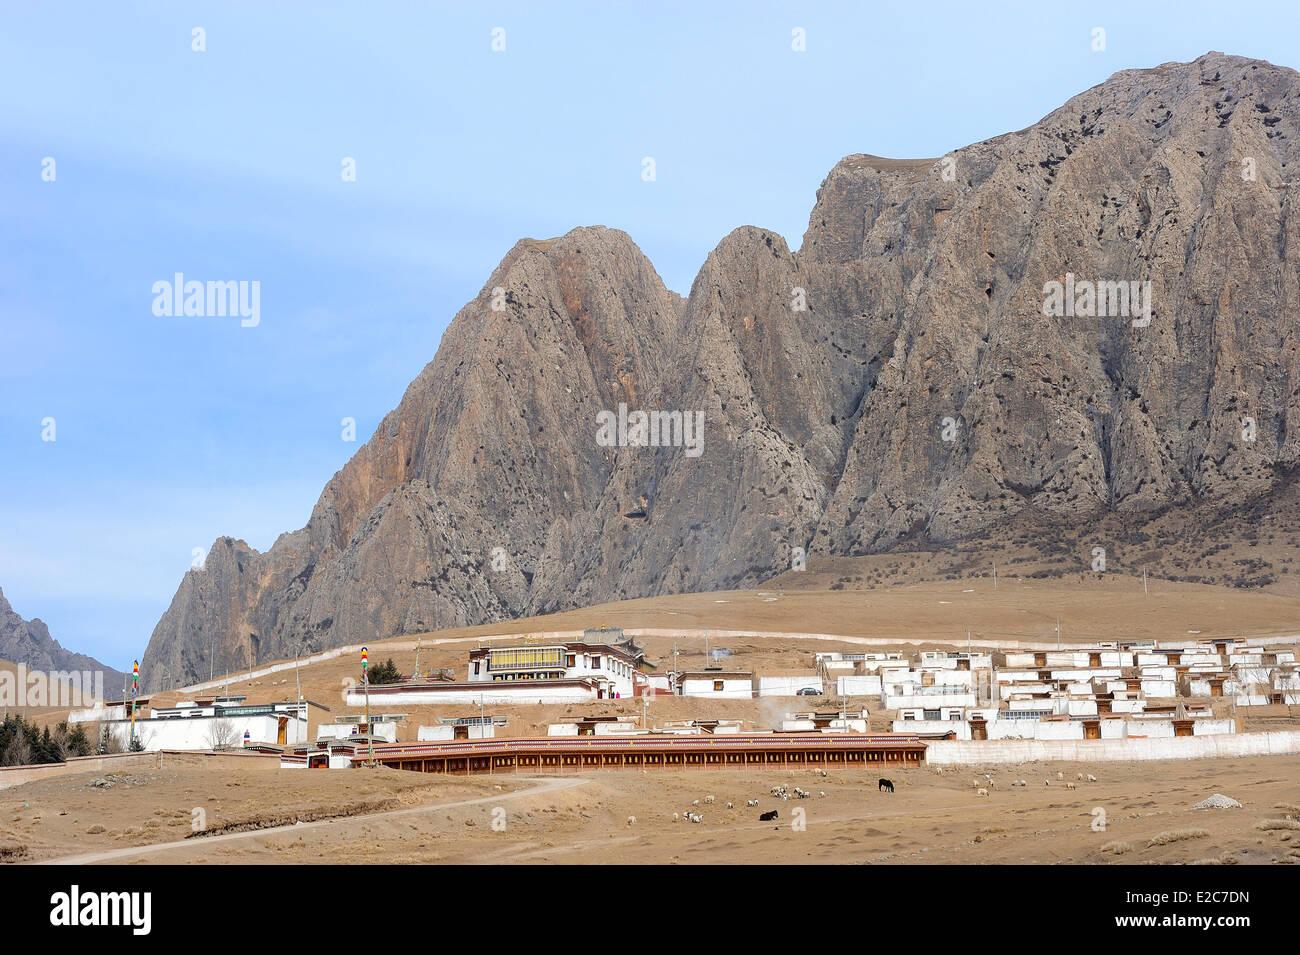 China, Gansu Province, Amdo, Xiahe county, Ganjia town - Stock Image